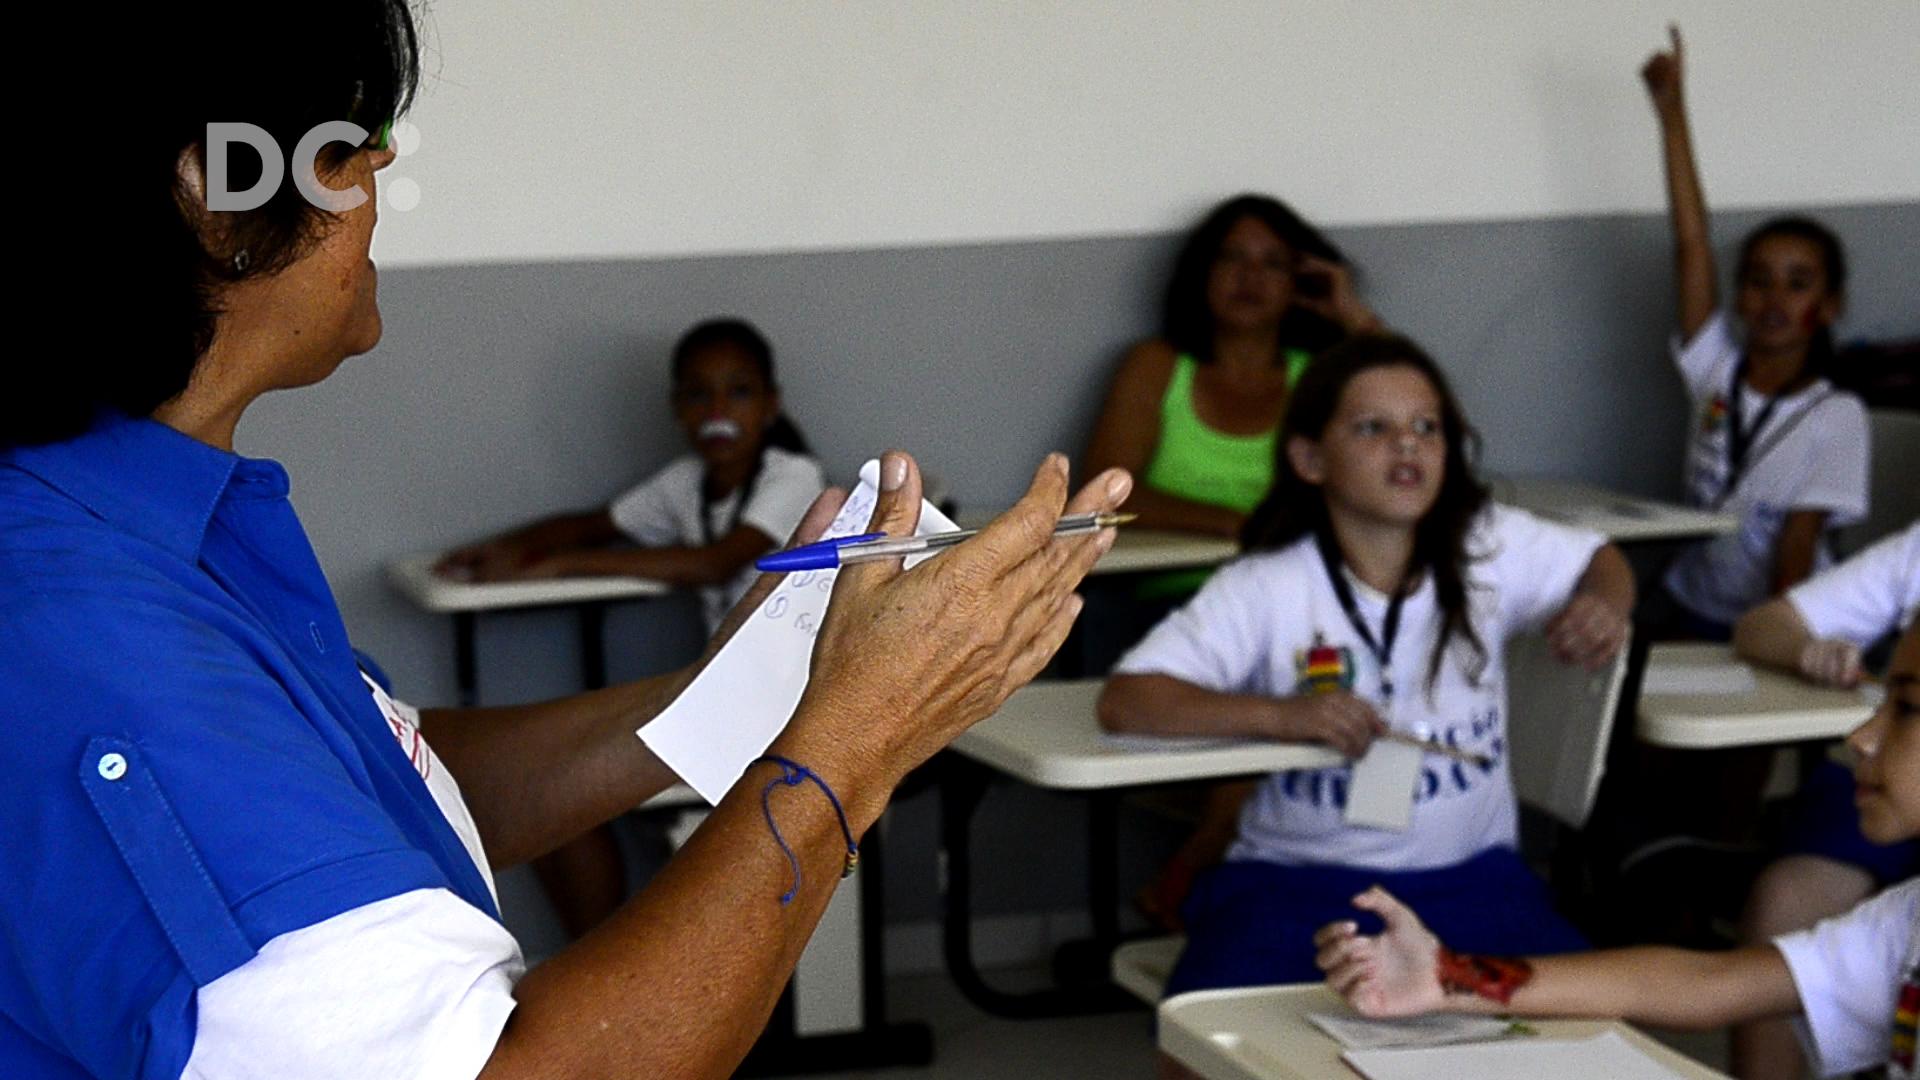 DC realiza oficina de jornalismo para crianças em Gaspar, SC